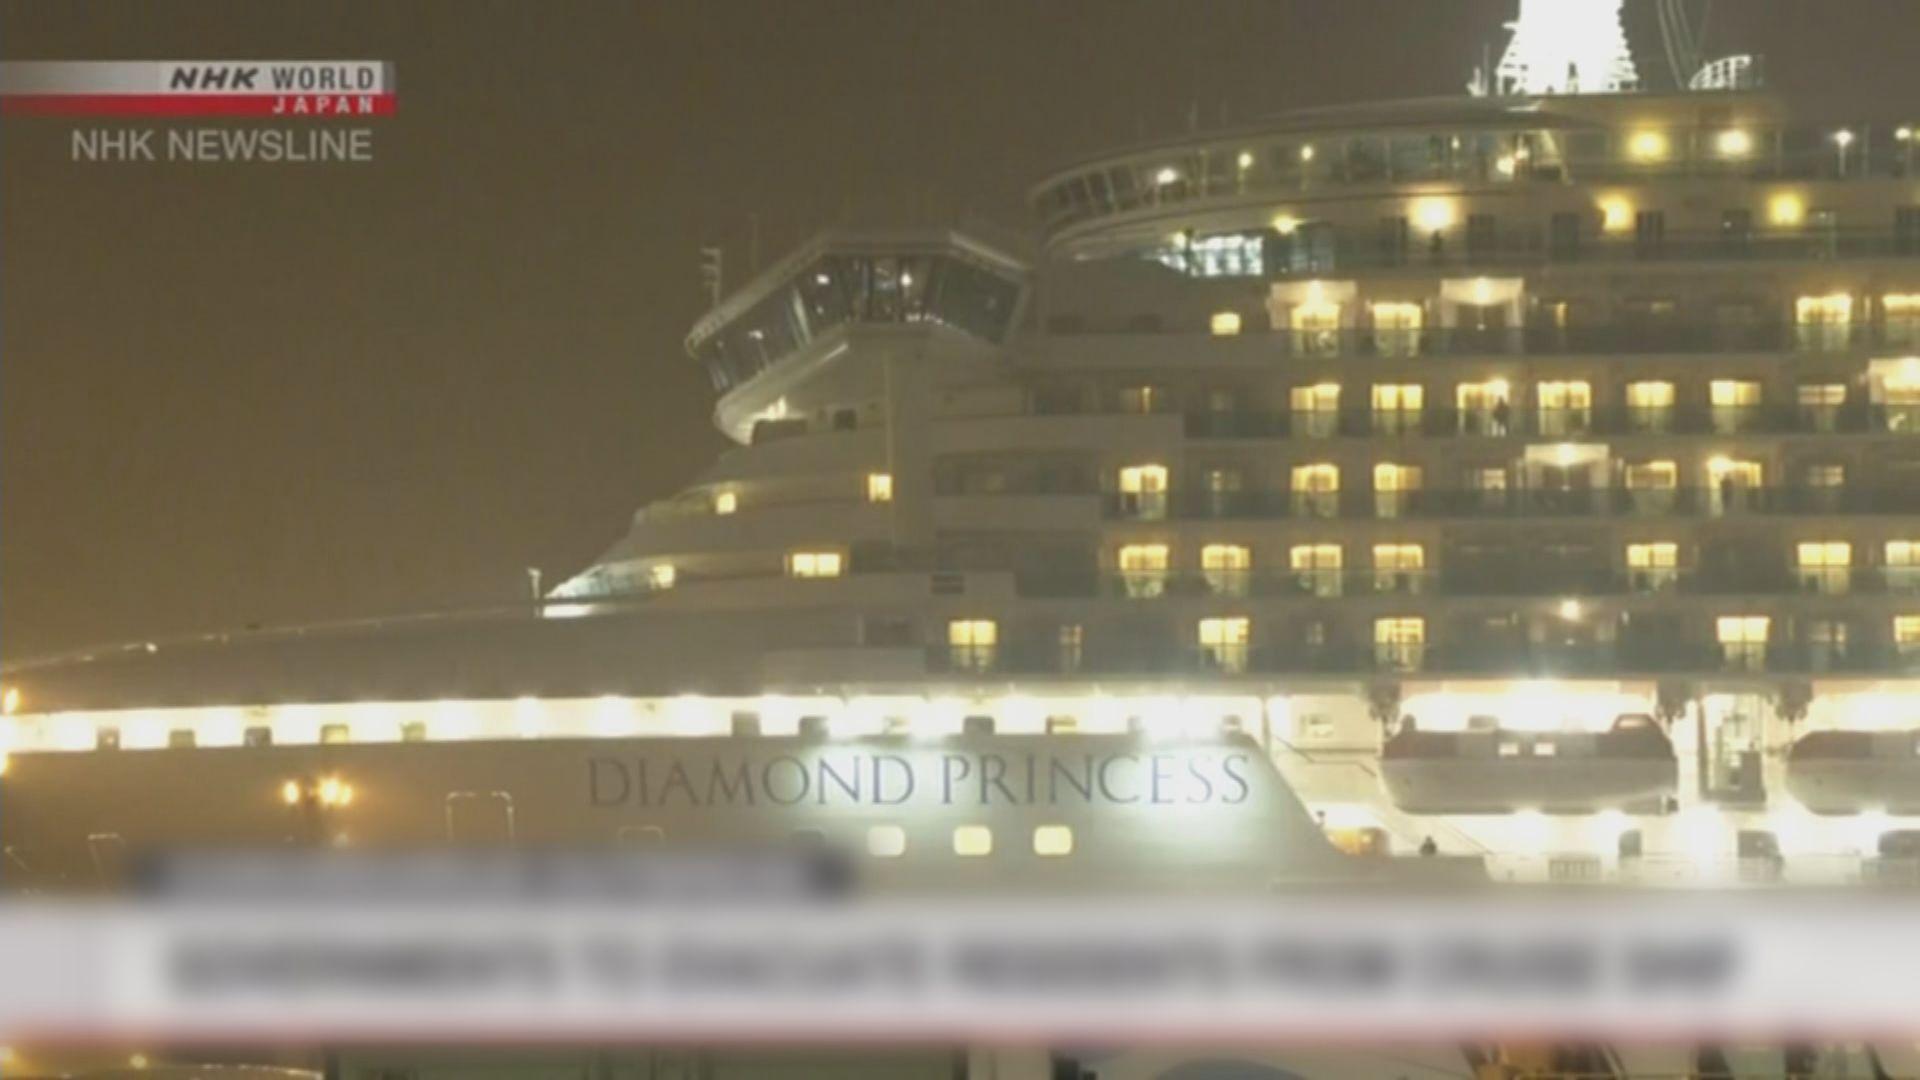 美國派包機接走日本鑽石公主號郵輪公民